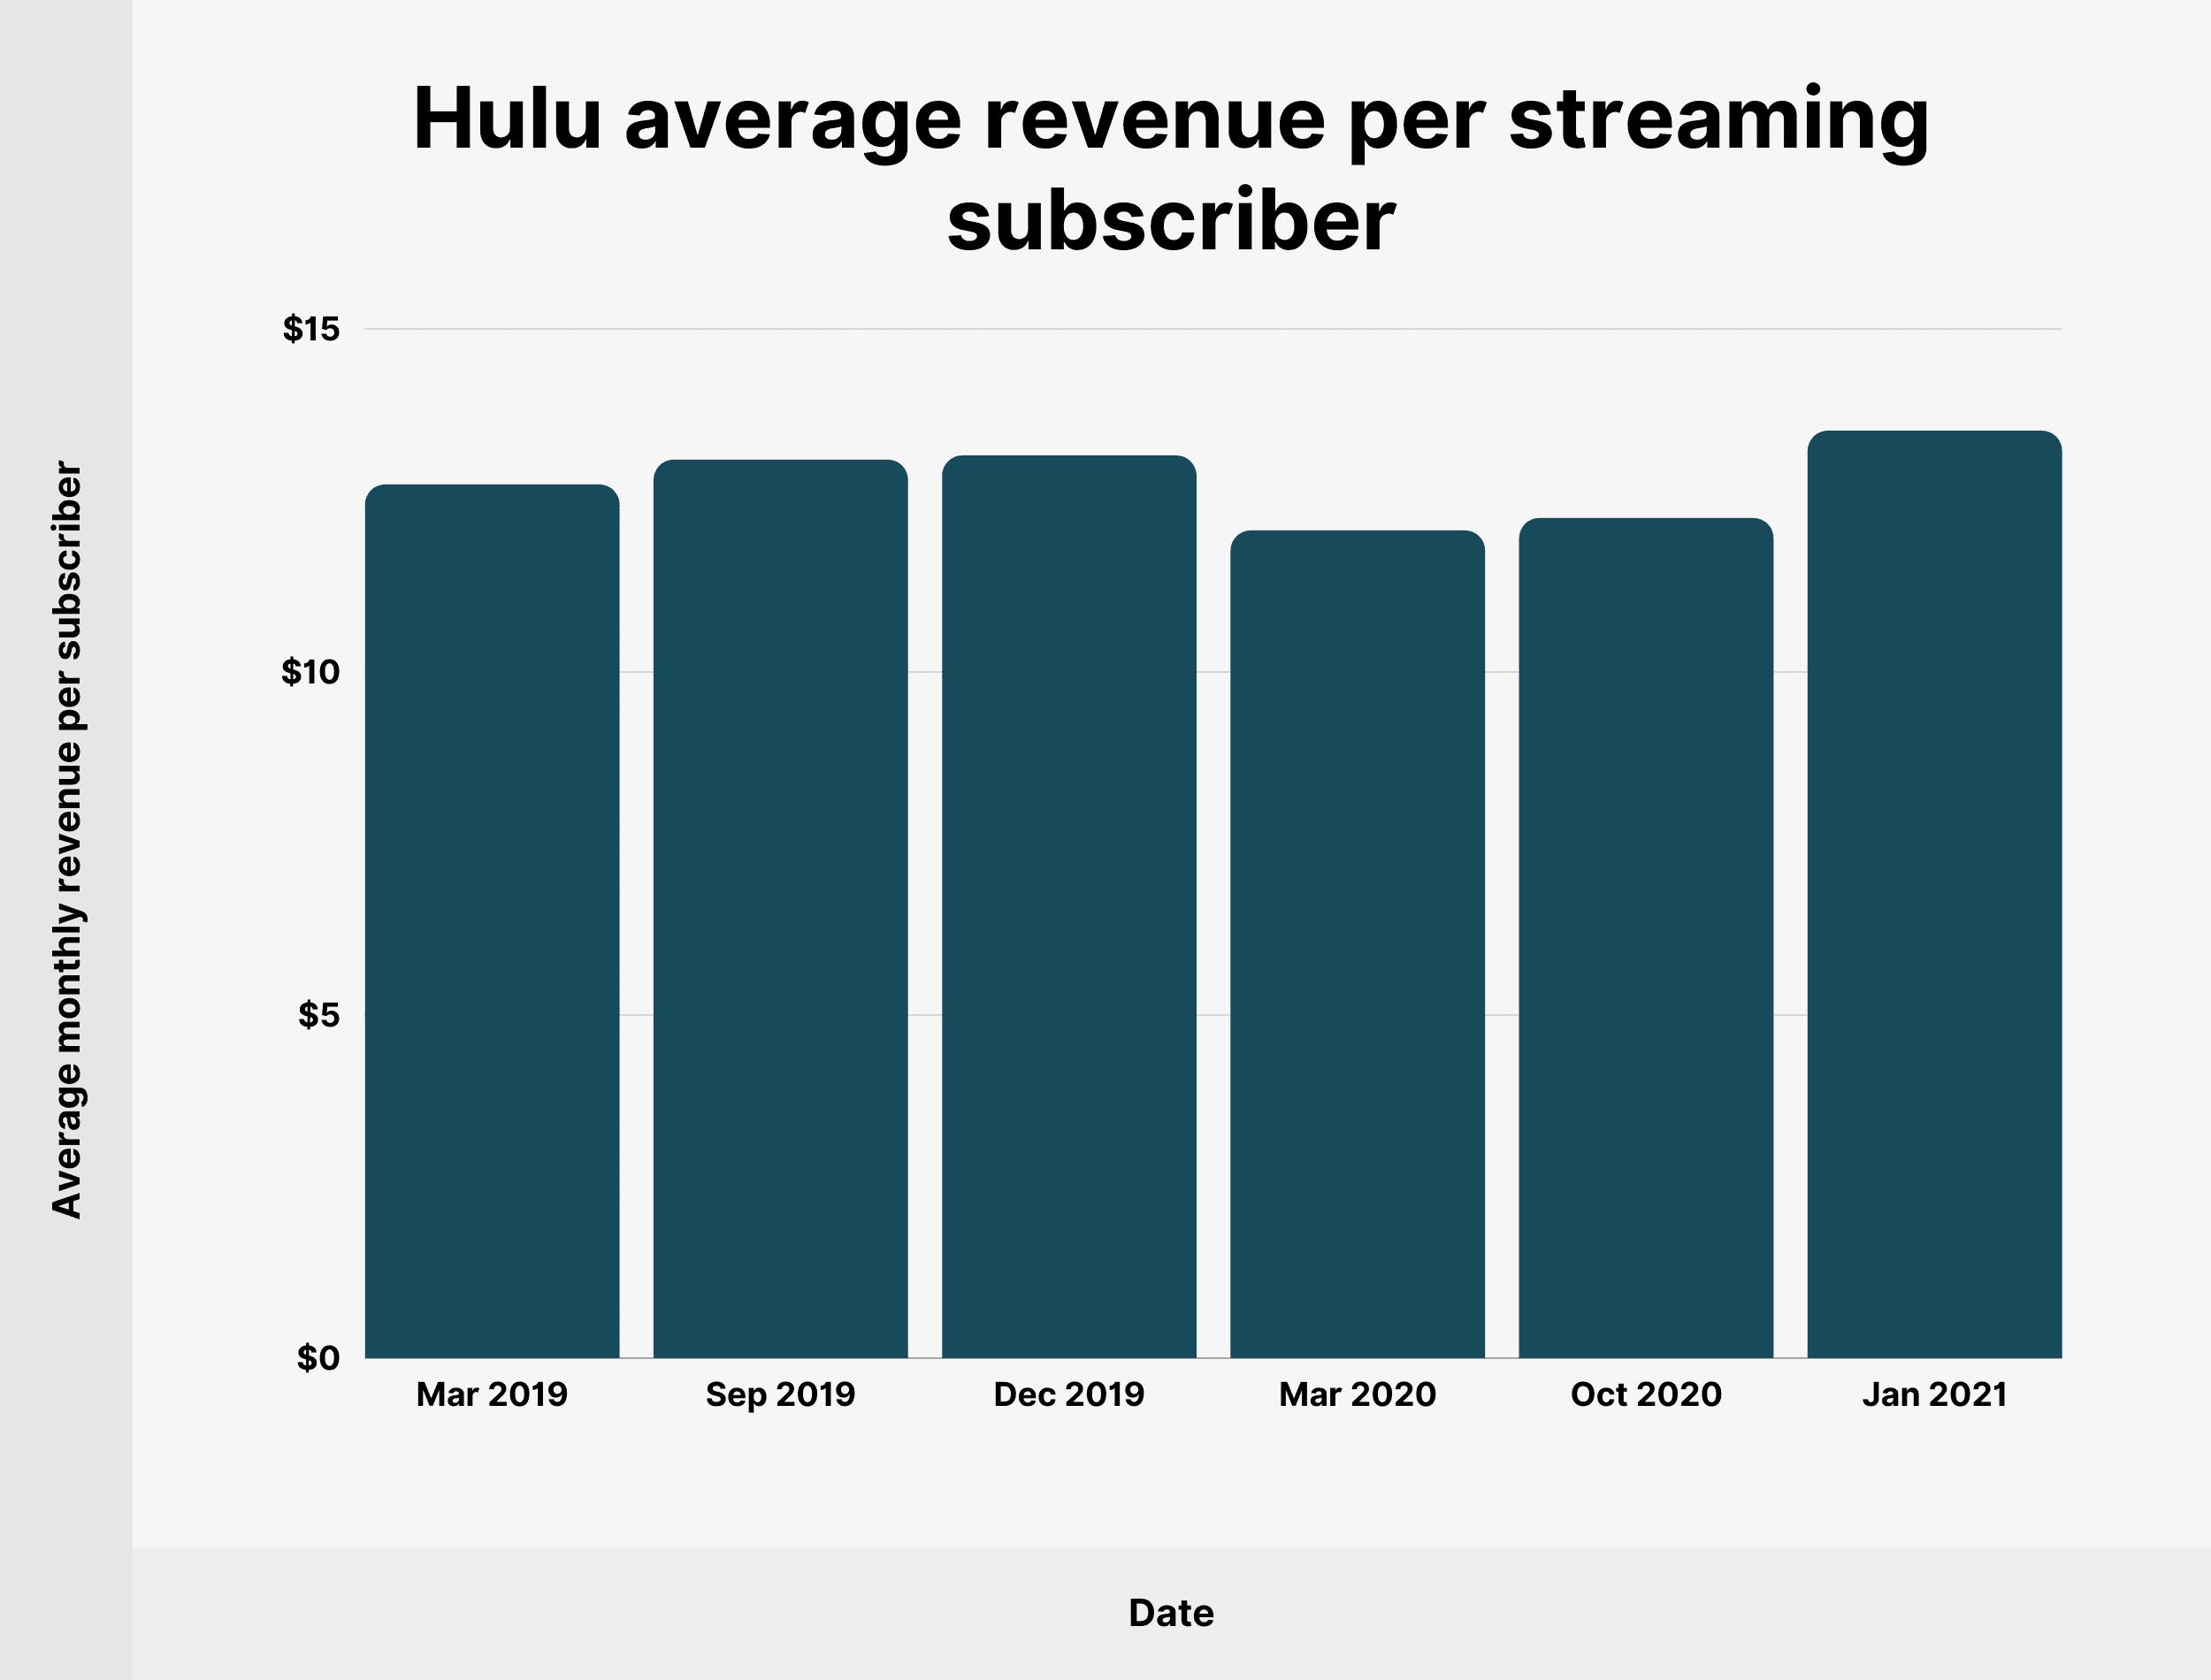 Hulu average revenue per streaming subscriber